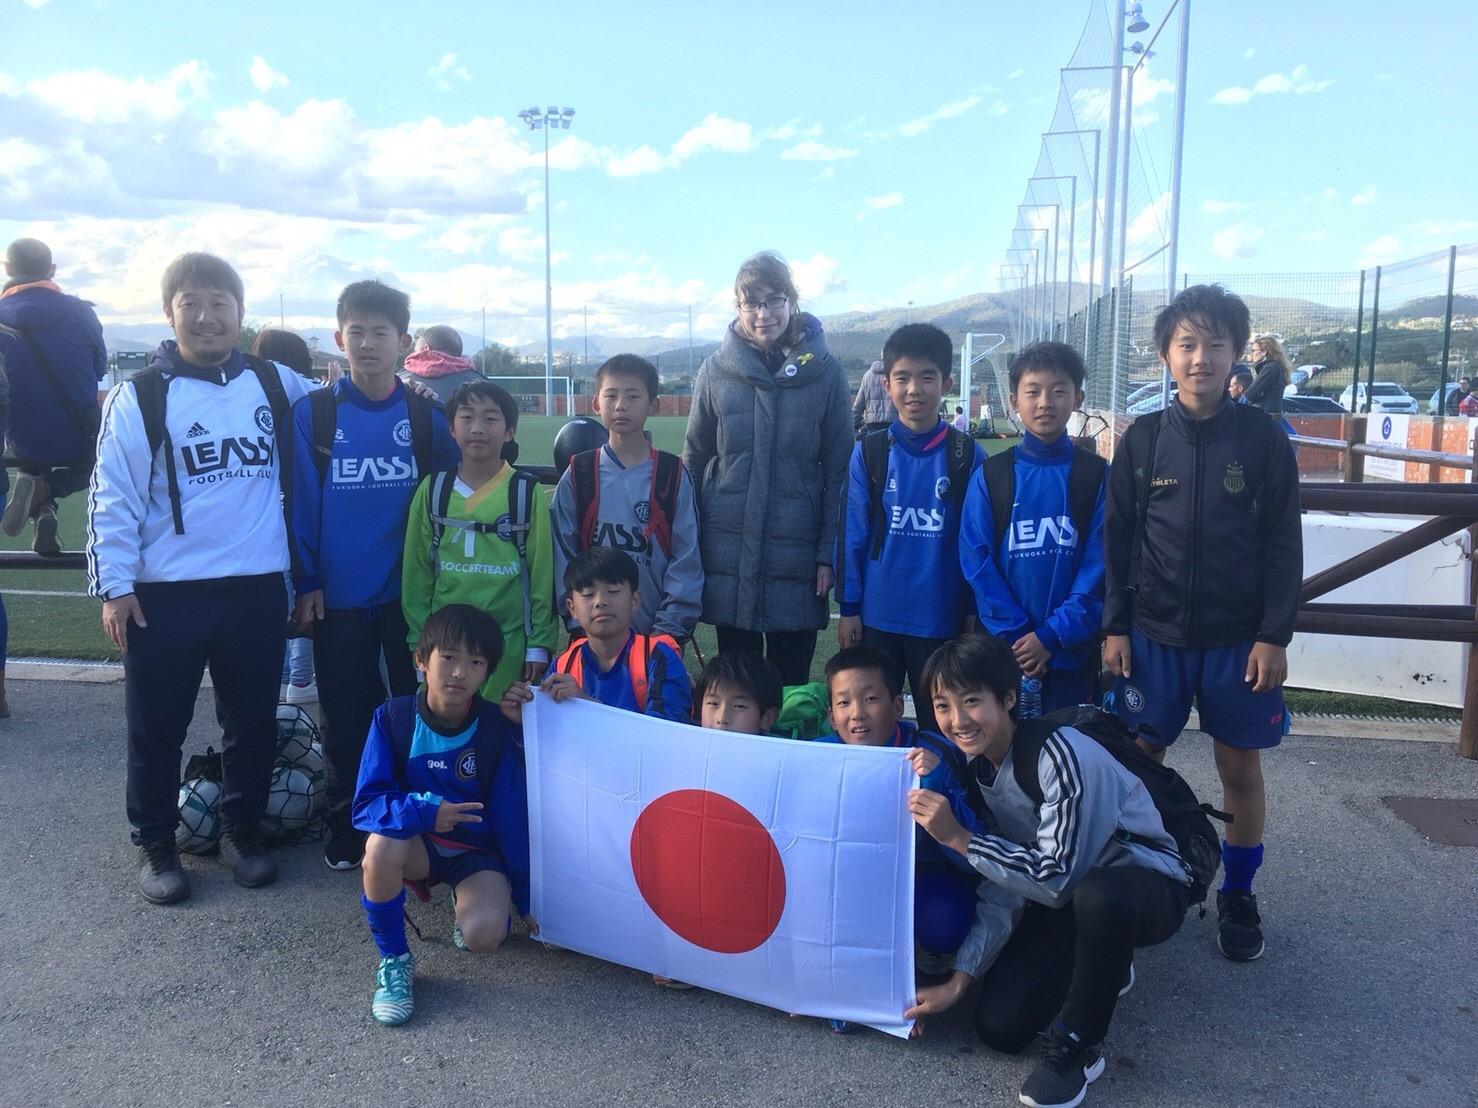 日本一の街クラブを目指す。 〜常に進化していきます! 〜